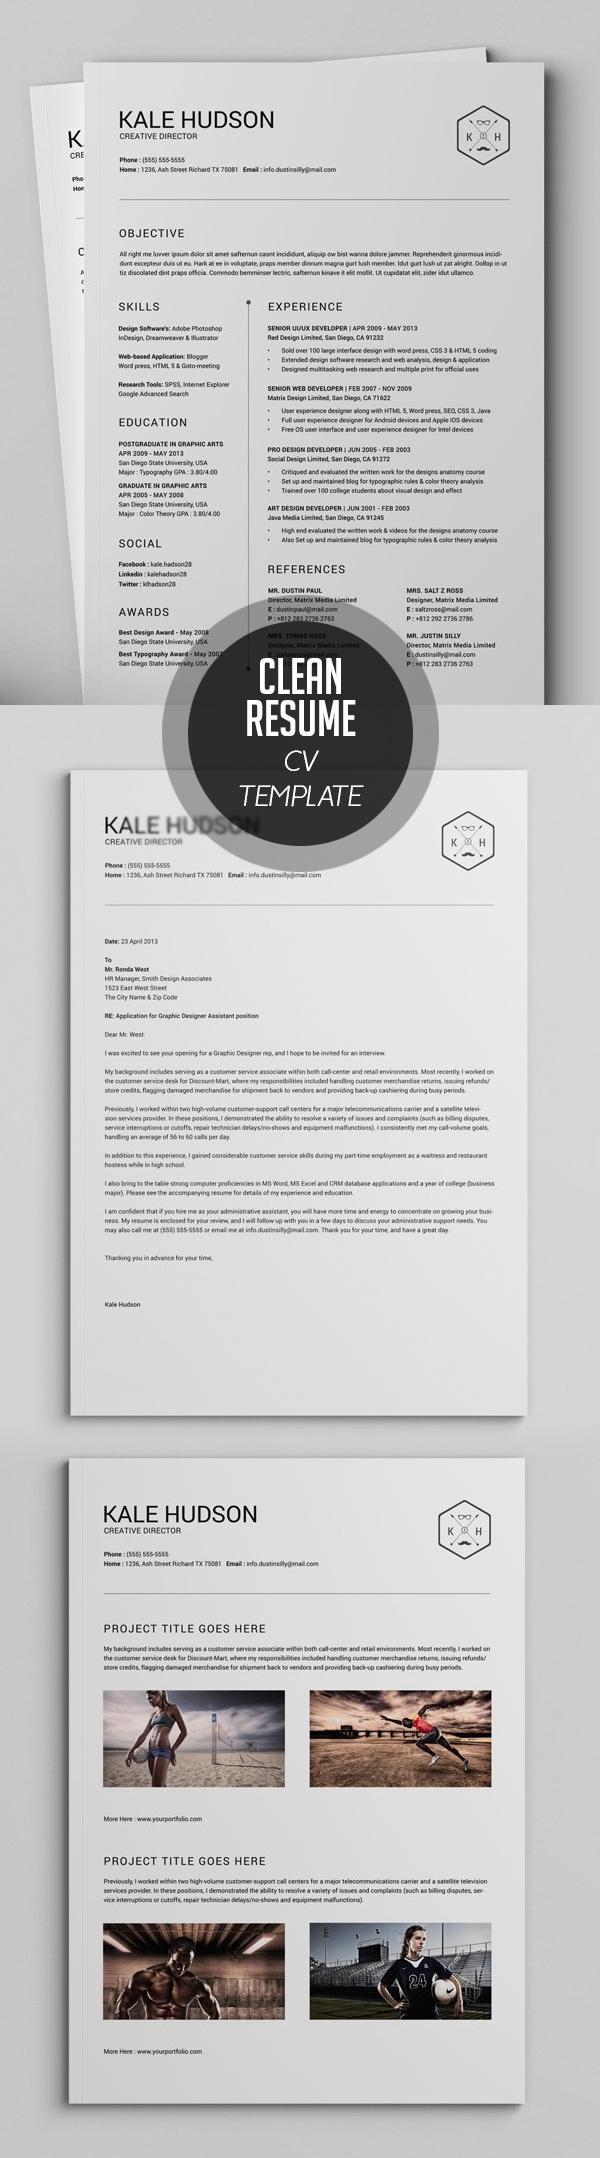 Clean Resume CV Template #resumedesign